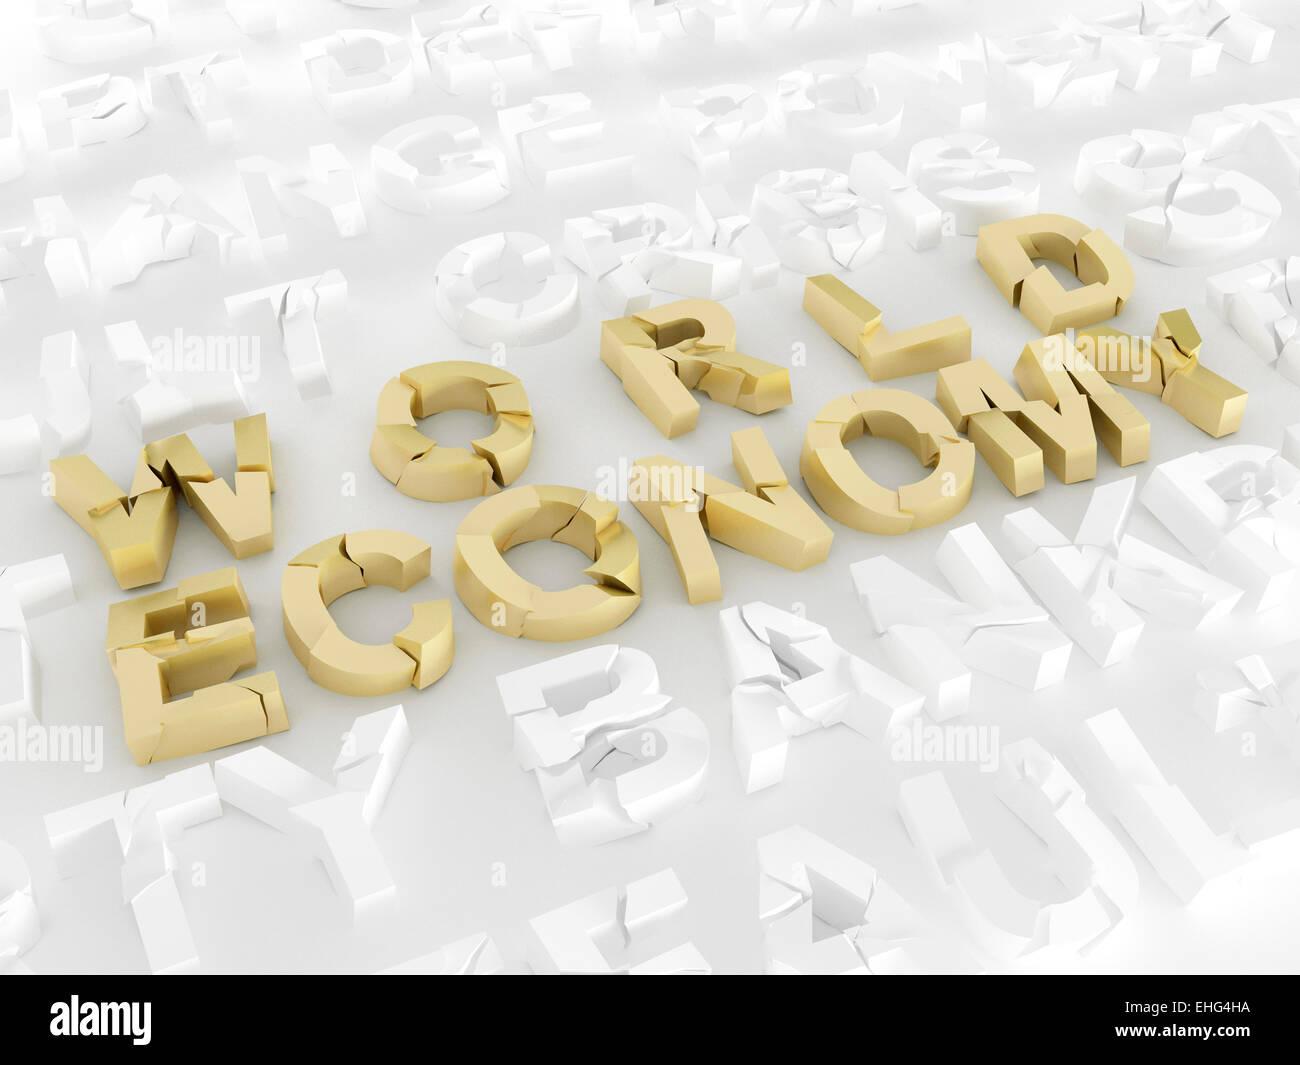 World economy crisis - Stock Image